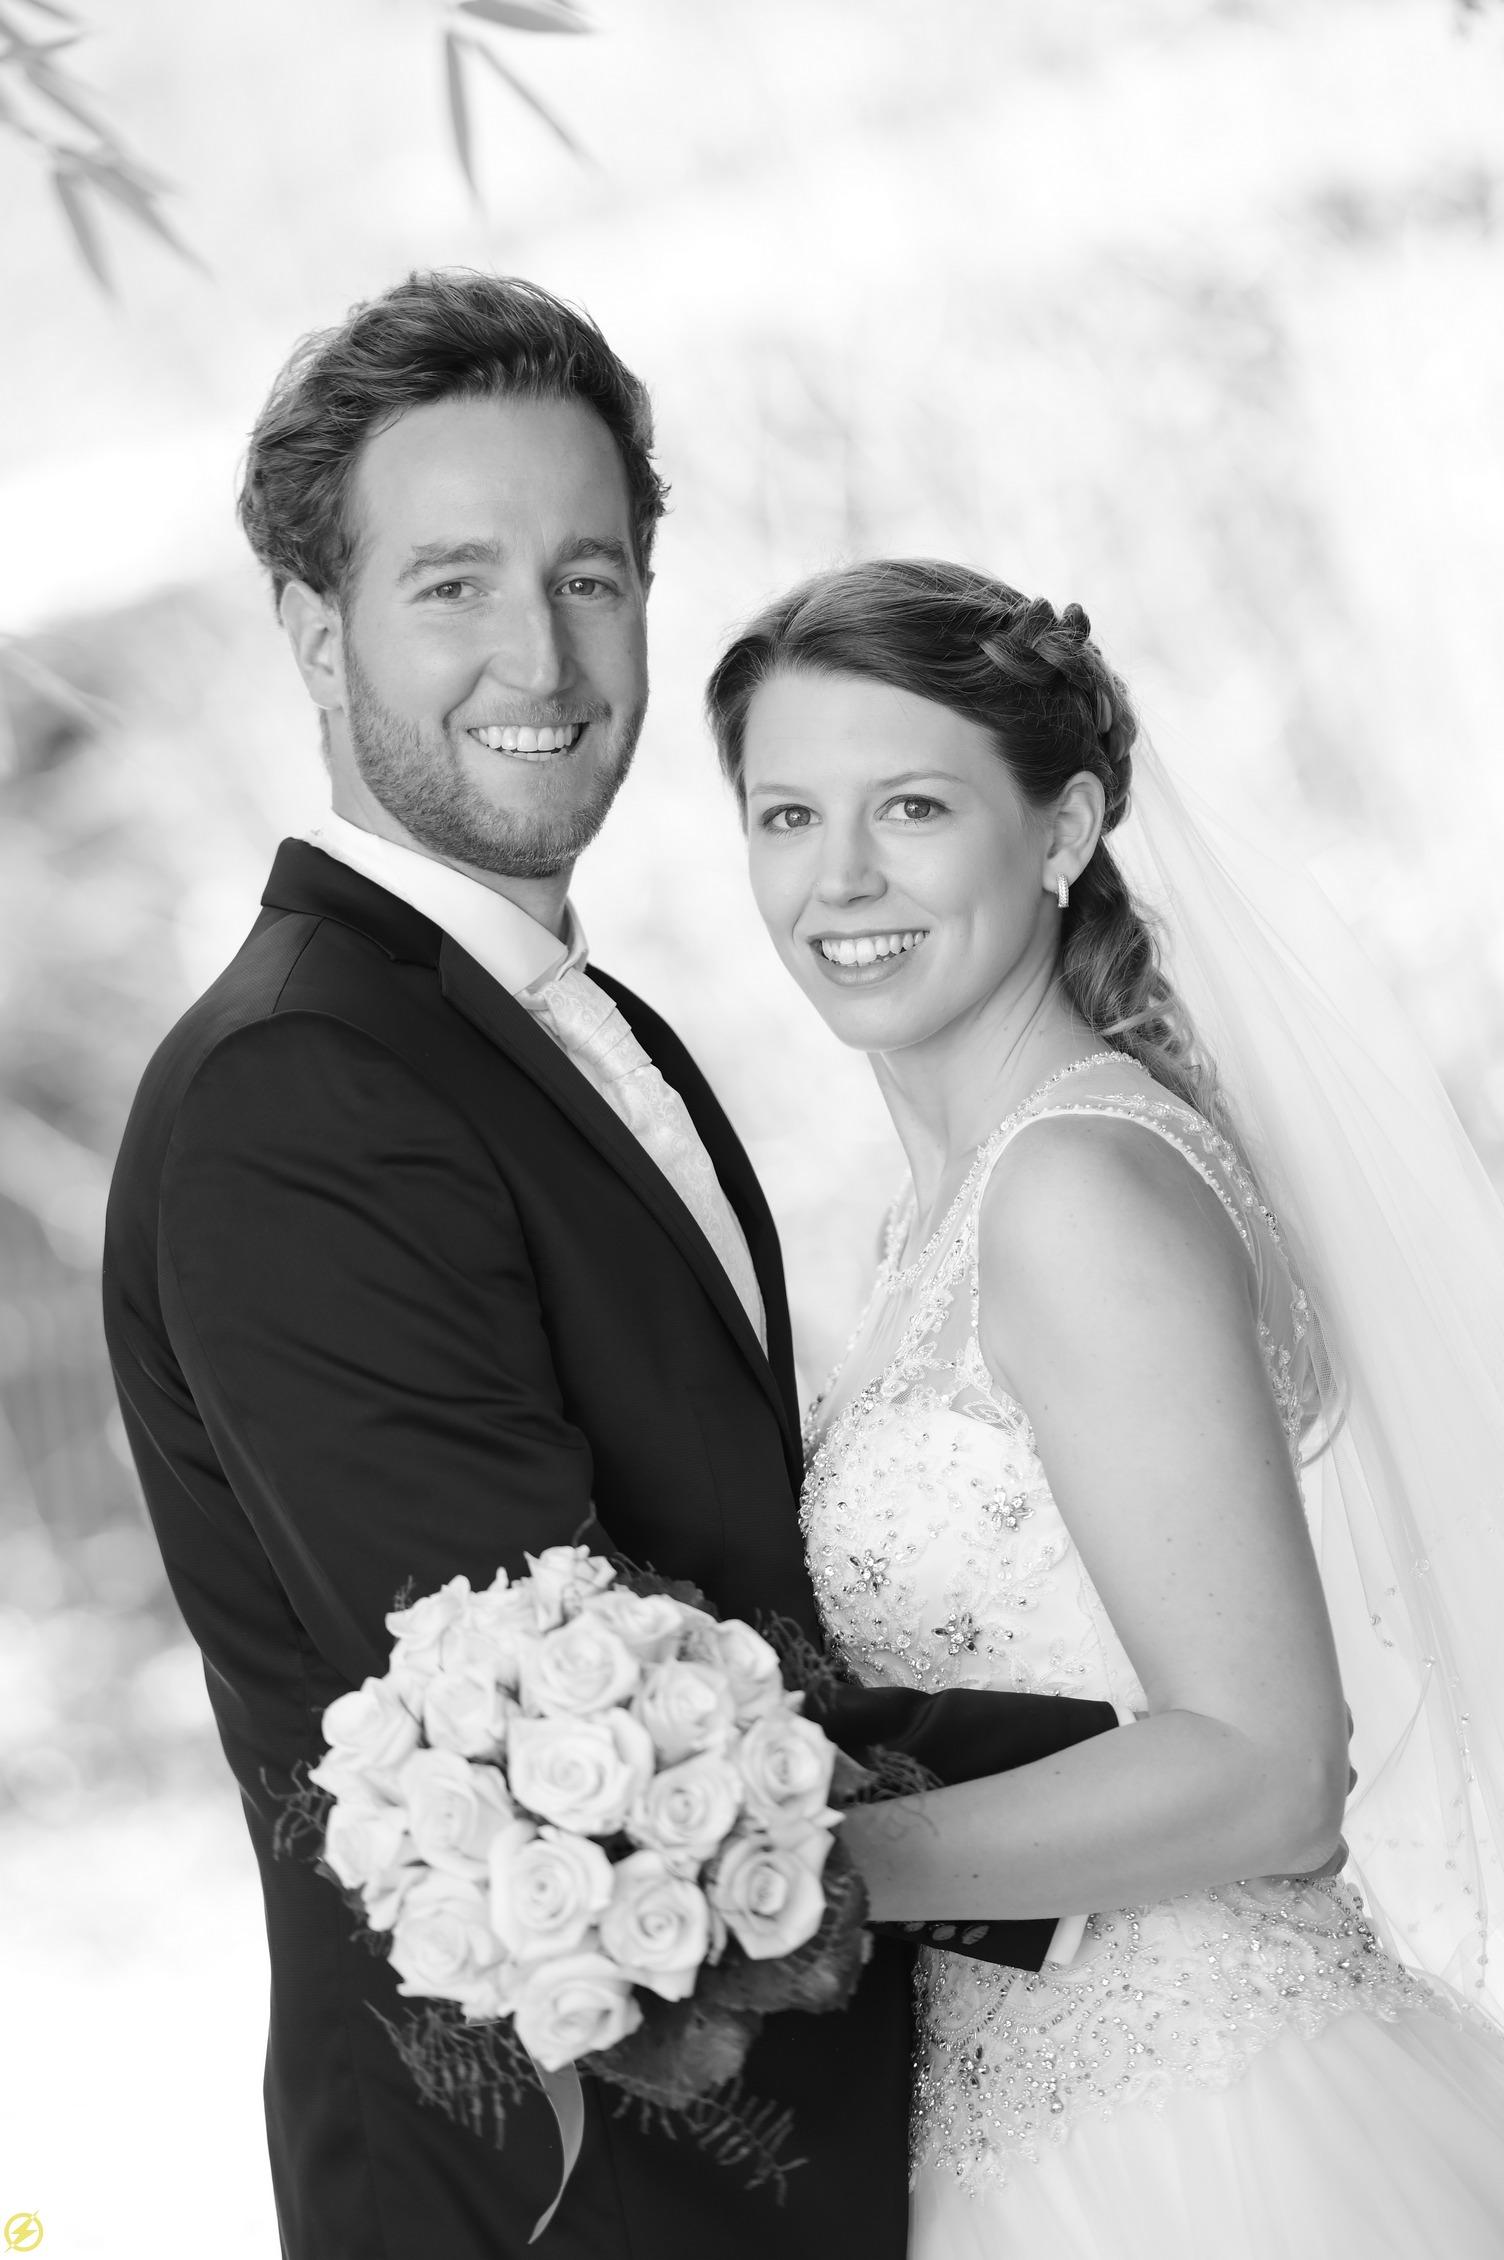 Hochzeitsfotografie_Workshop_Interlaken_32.jpg